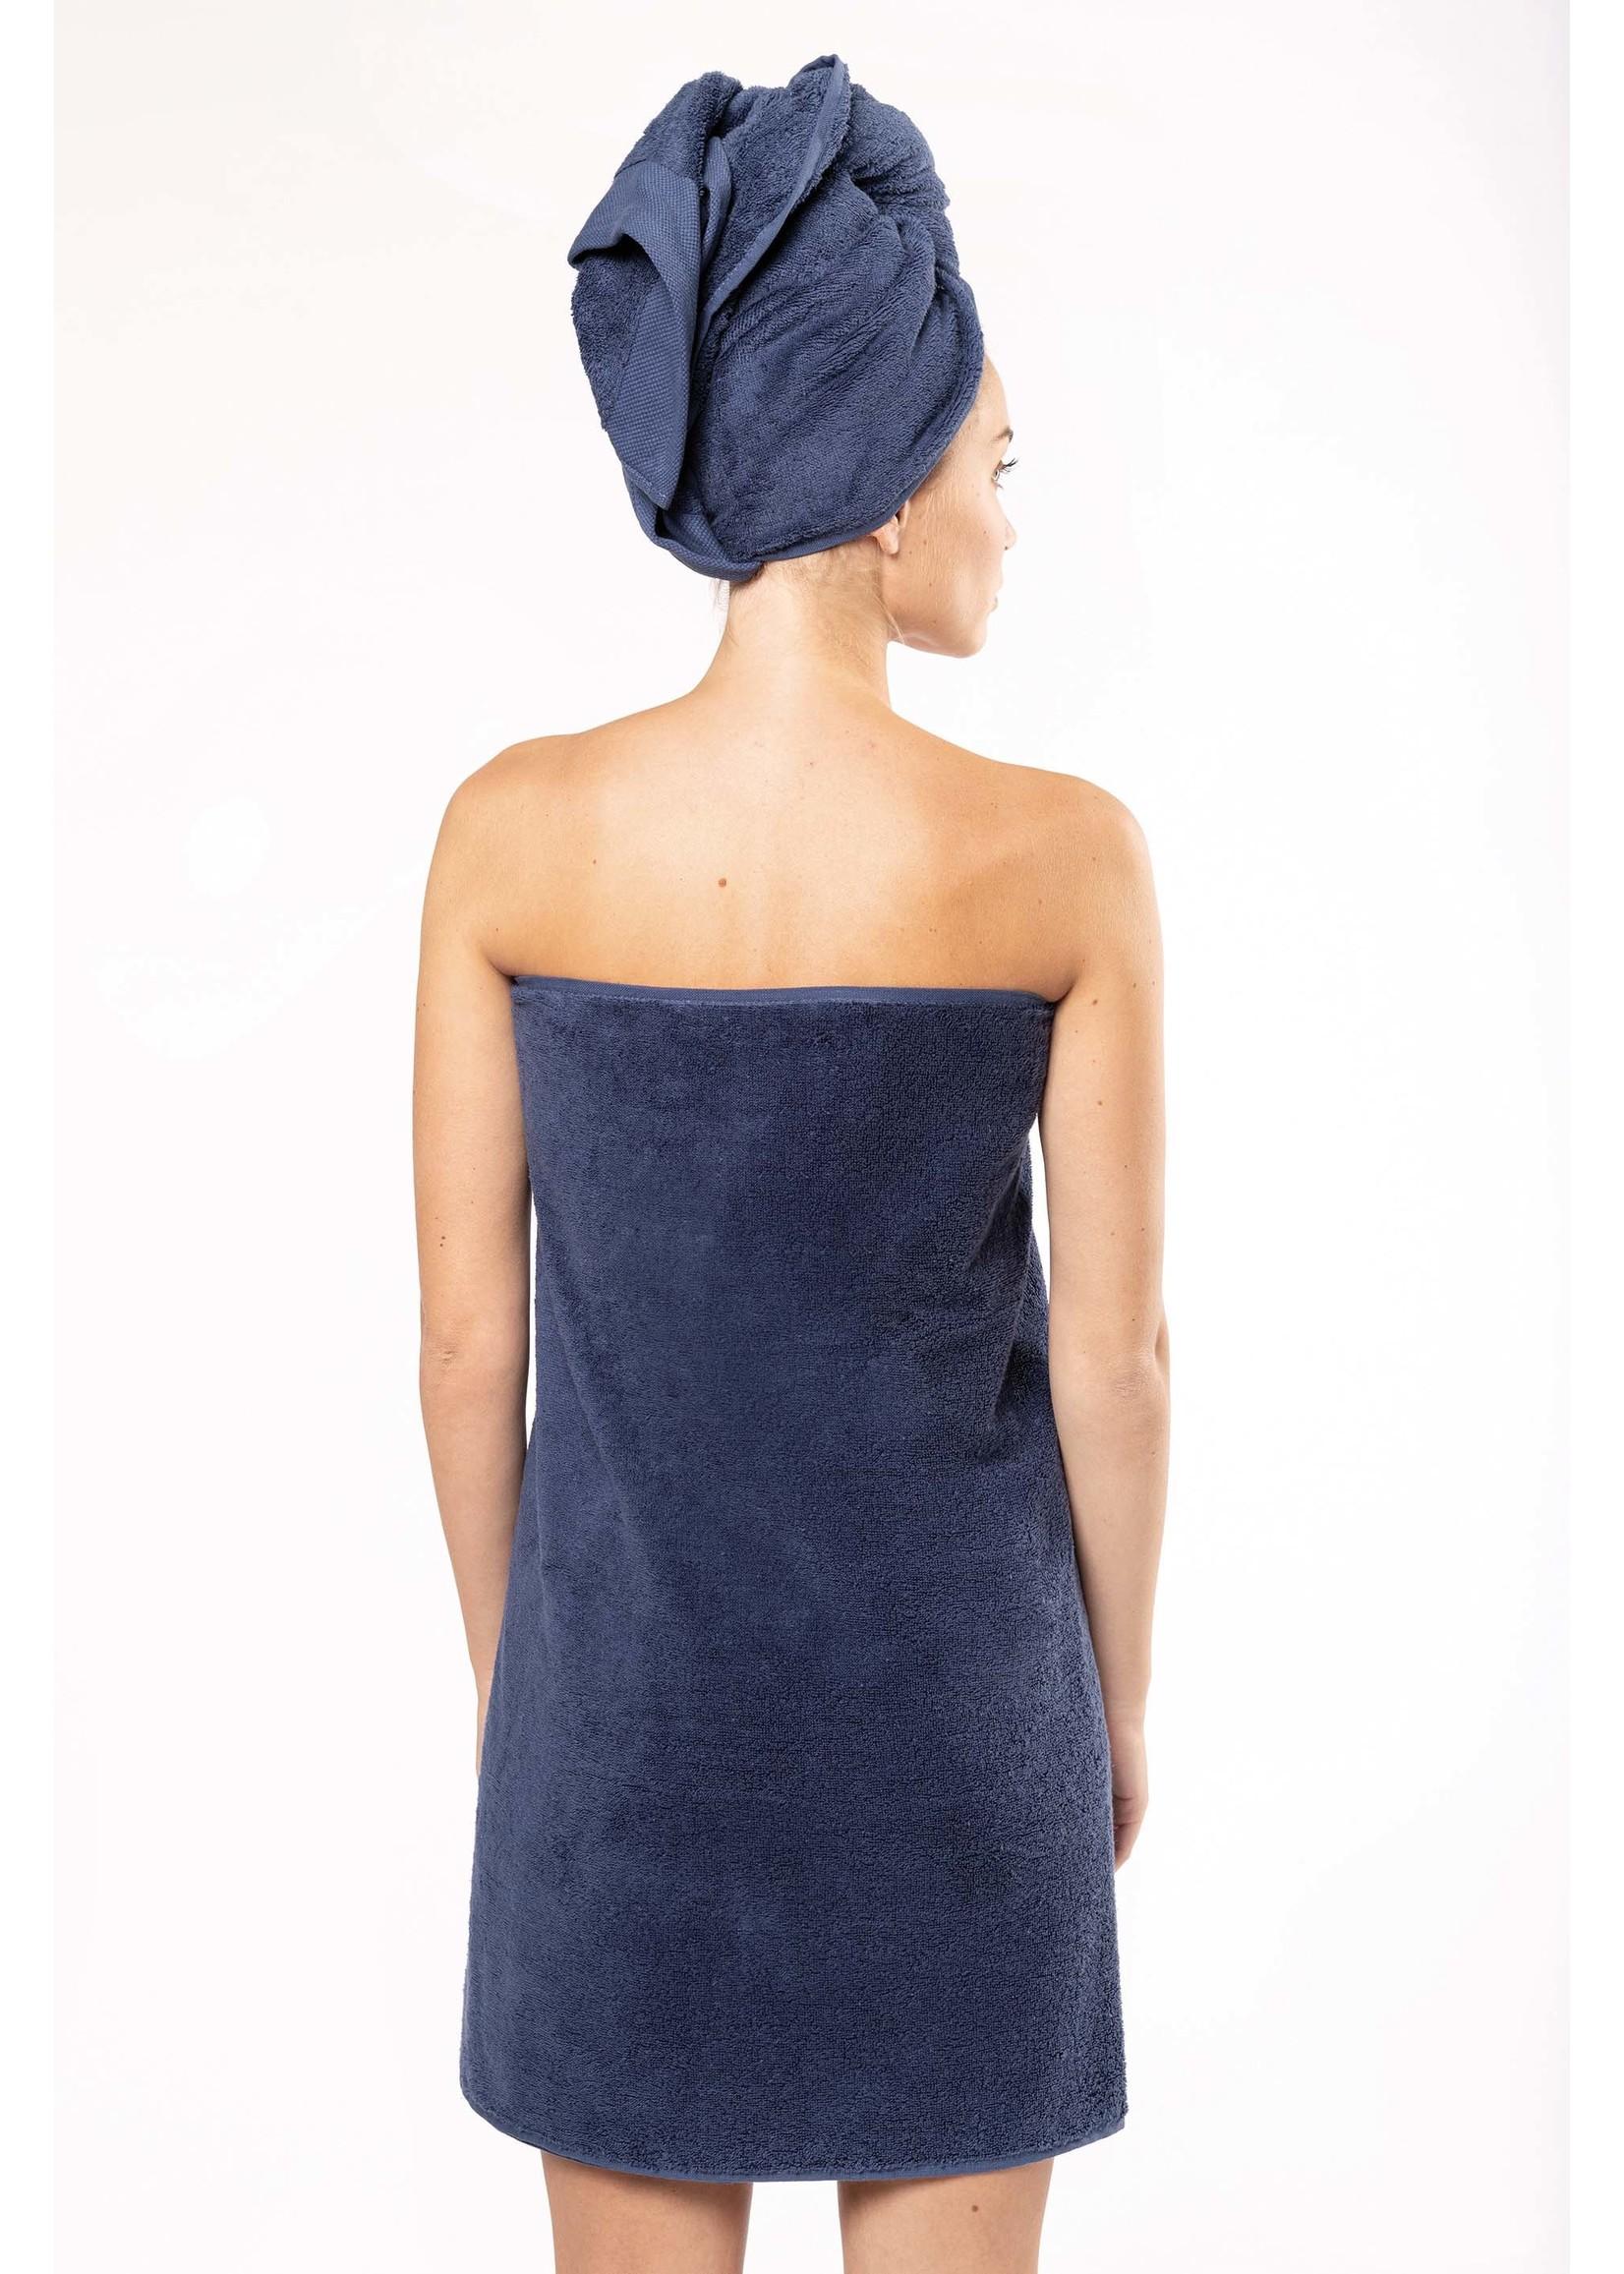 Eco-Friendly Handdoek 140 x 70 cm kleur: Sage, is te bedrukken